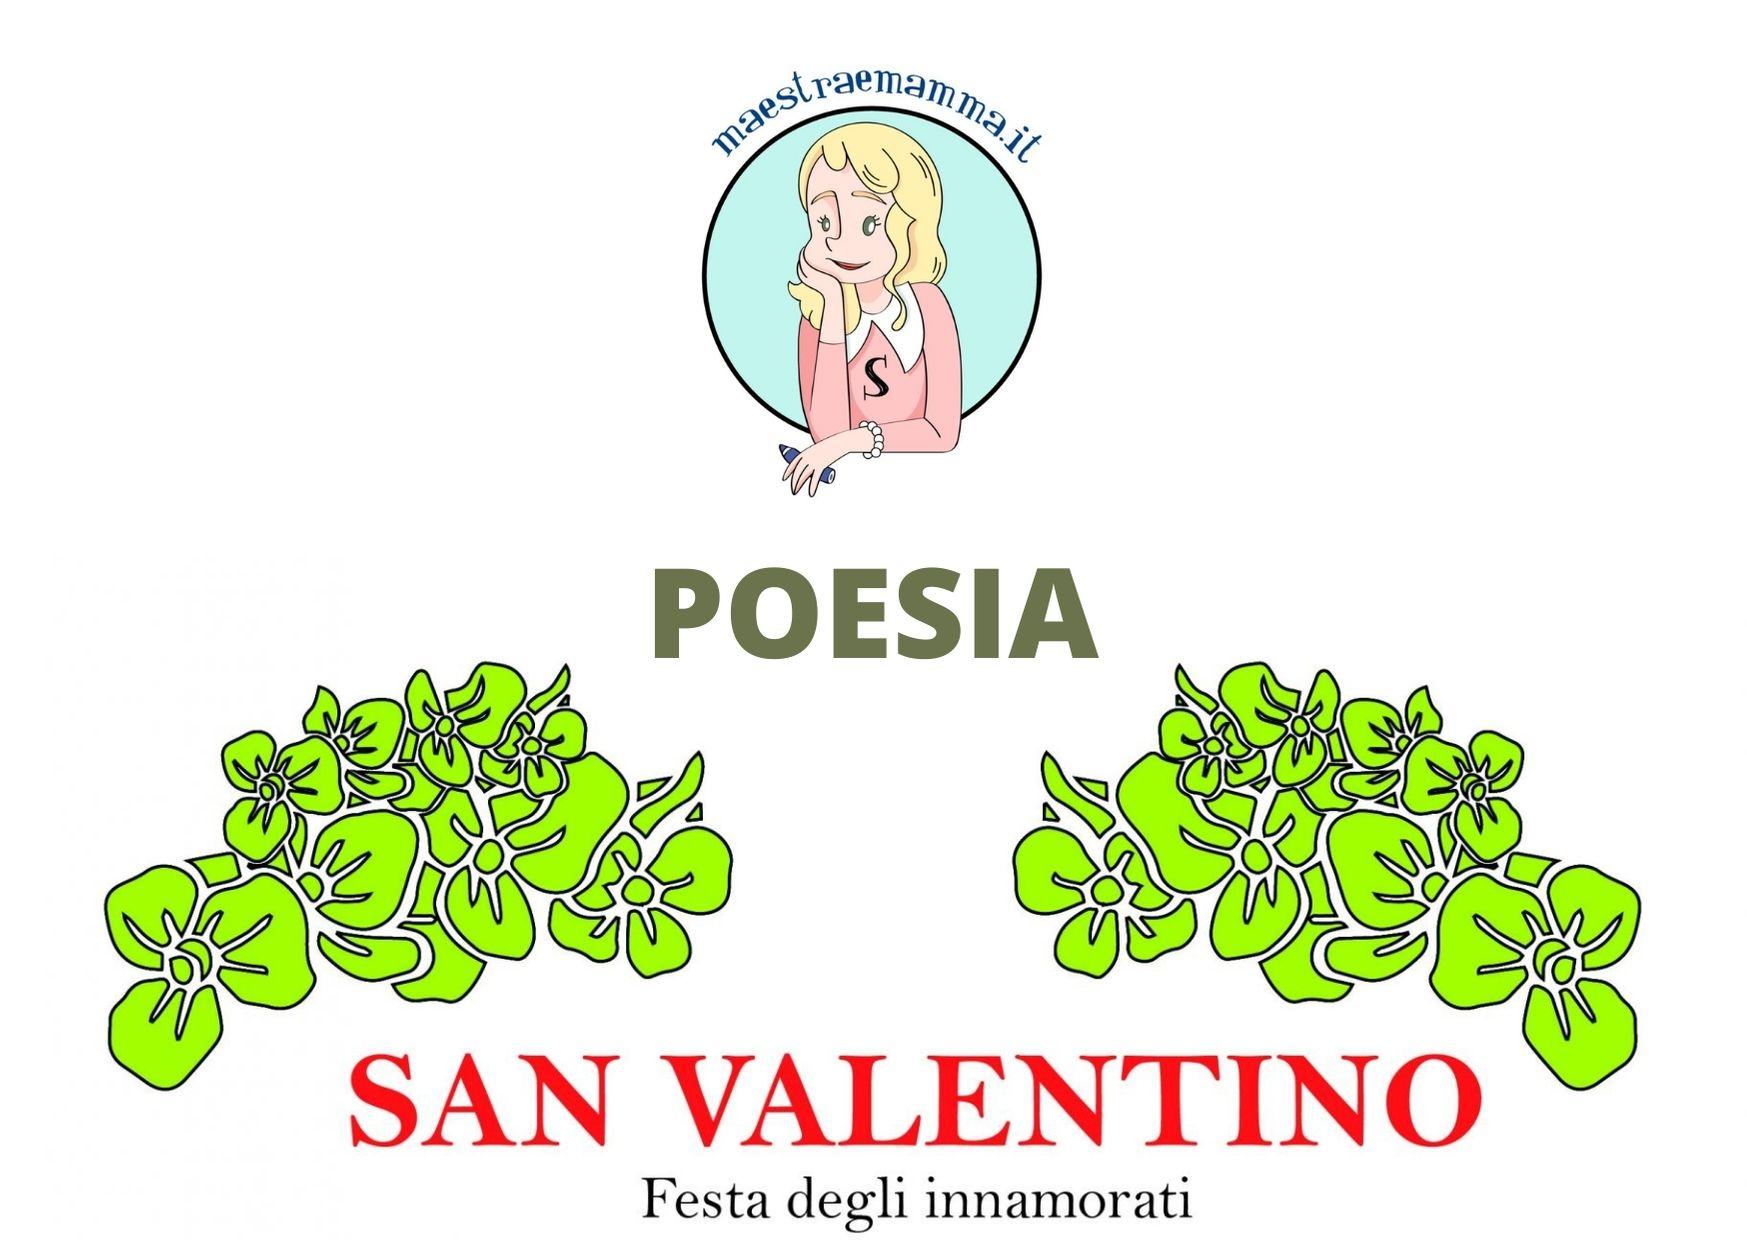 Poesia di San Valentino di Marzia Cabano